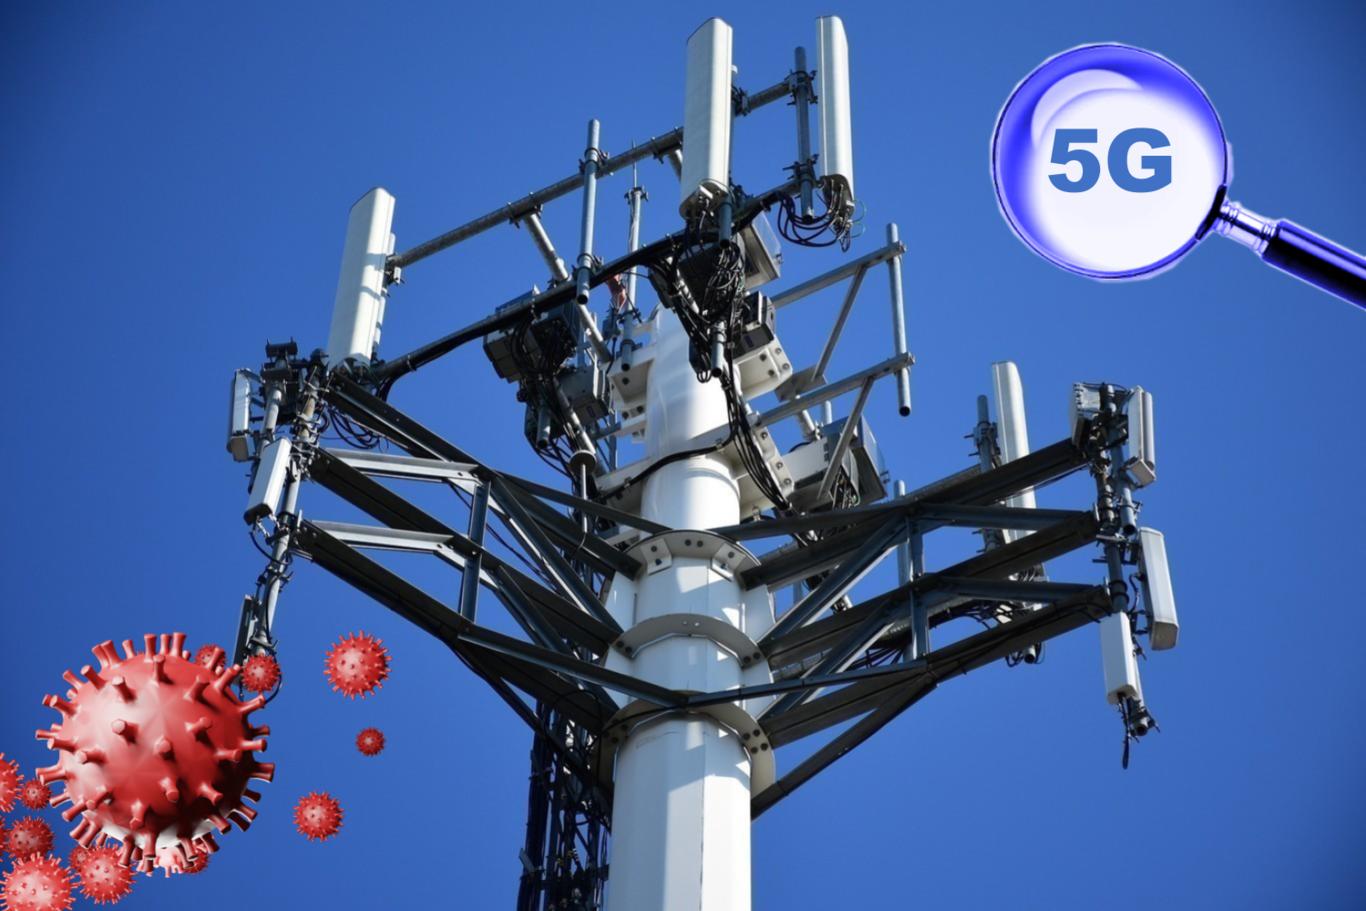 Bulos sobre el 5G que podrás desmentir sin esfuerzo con estos ...